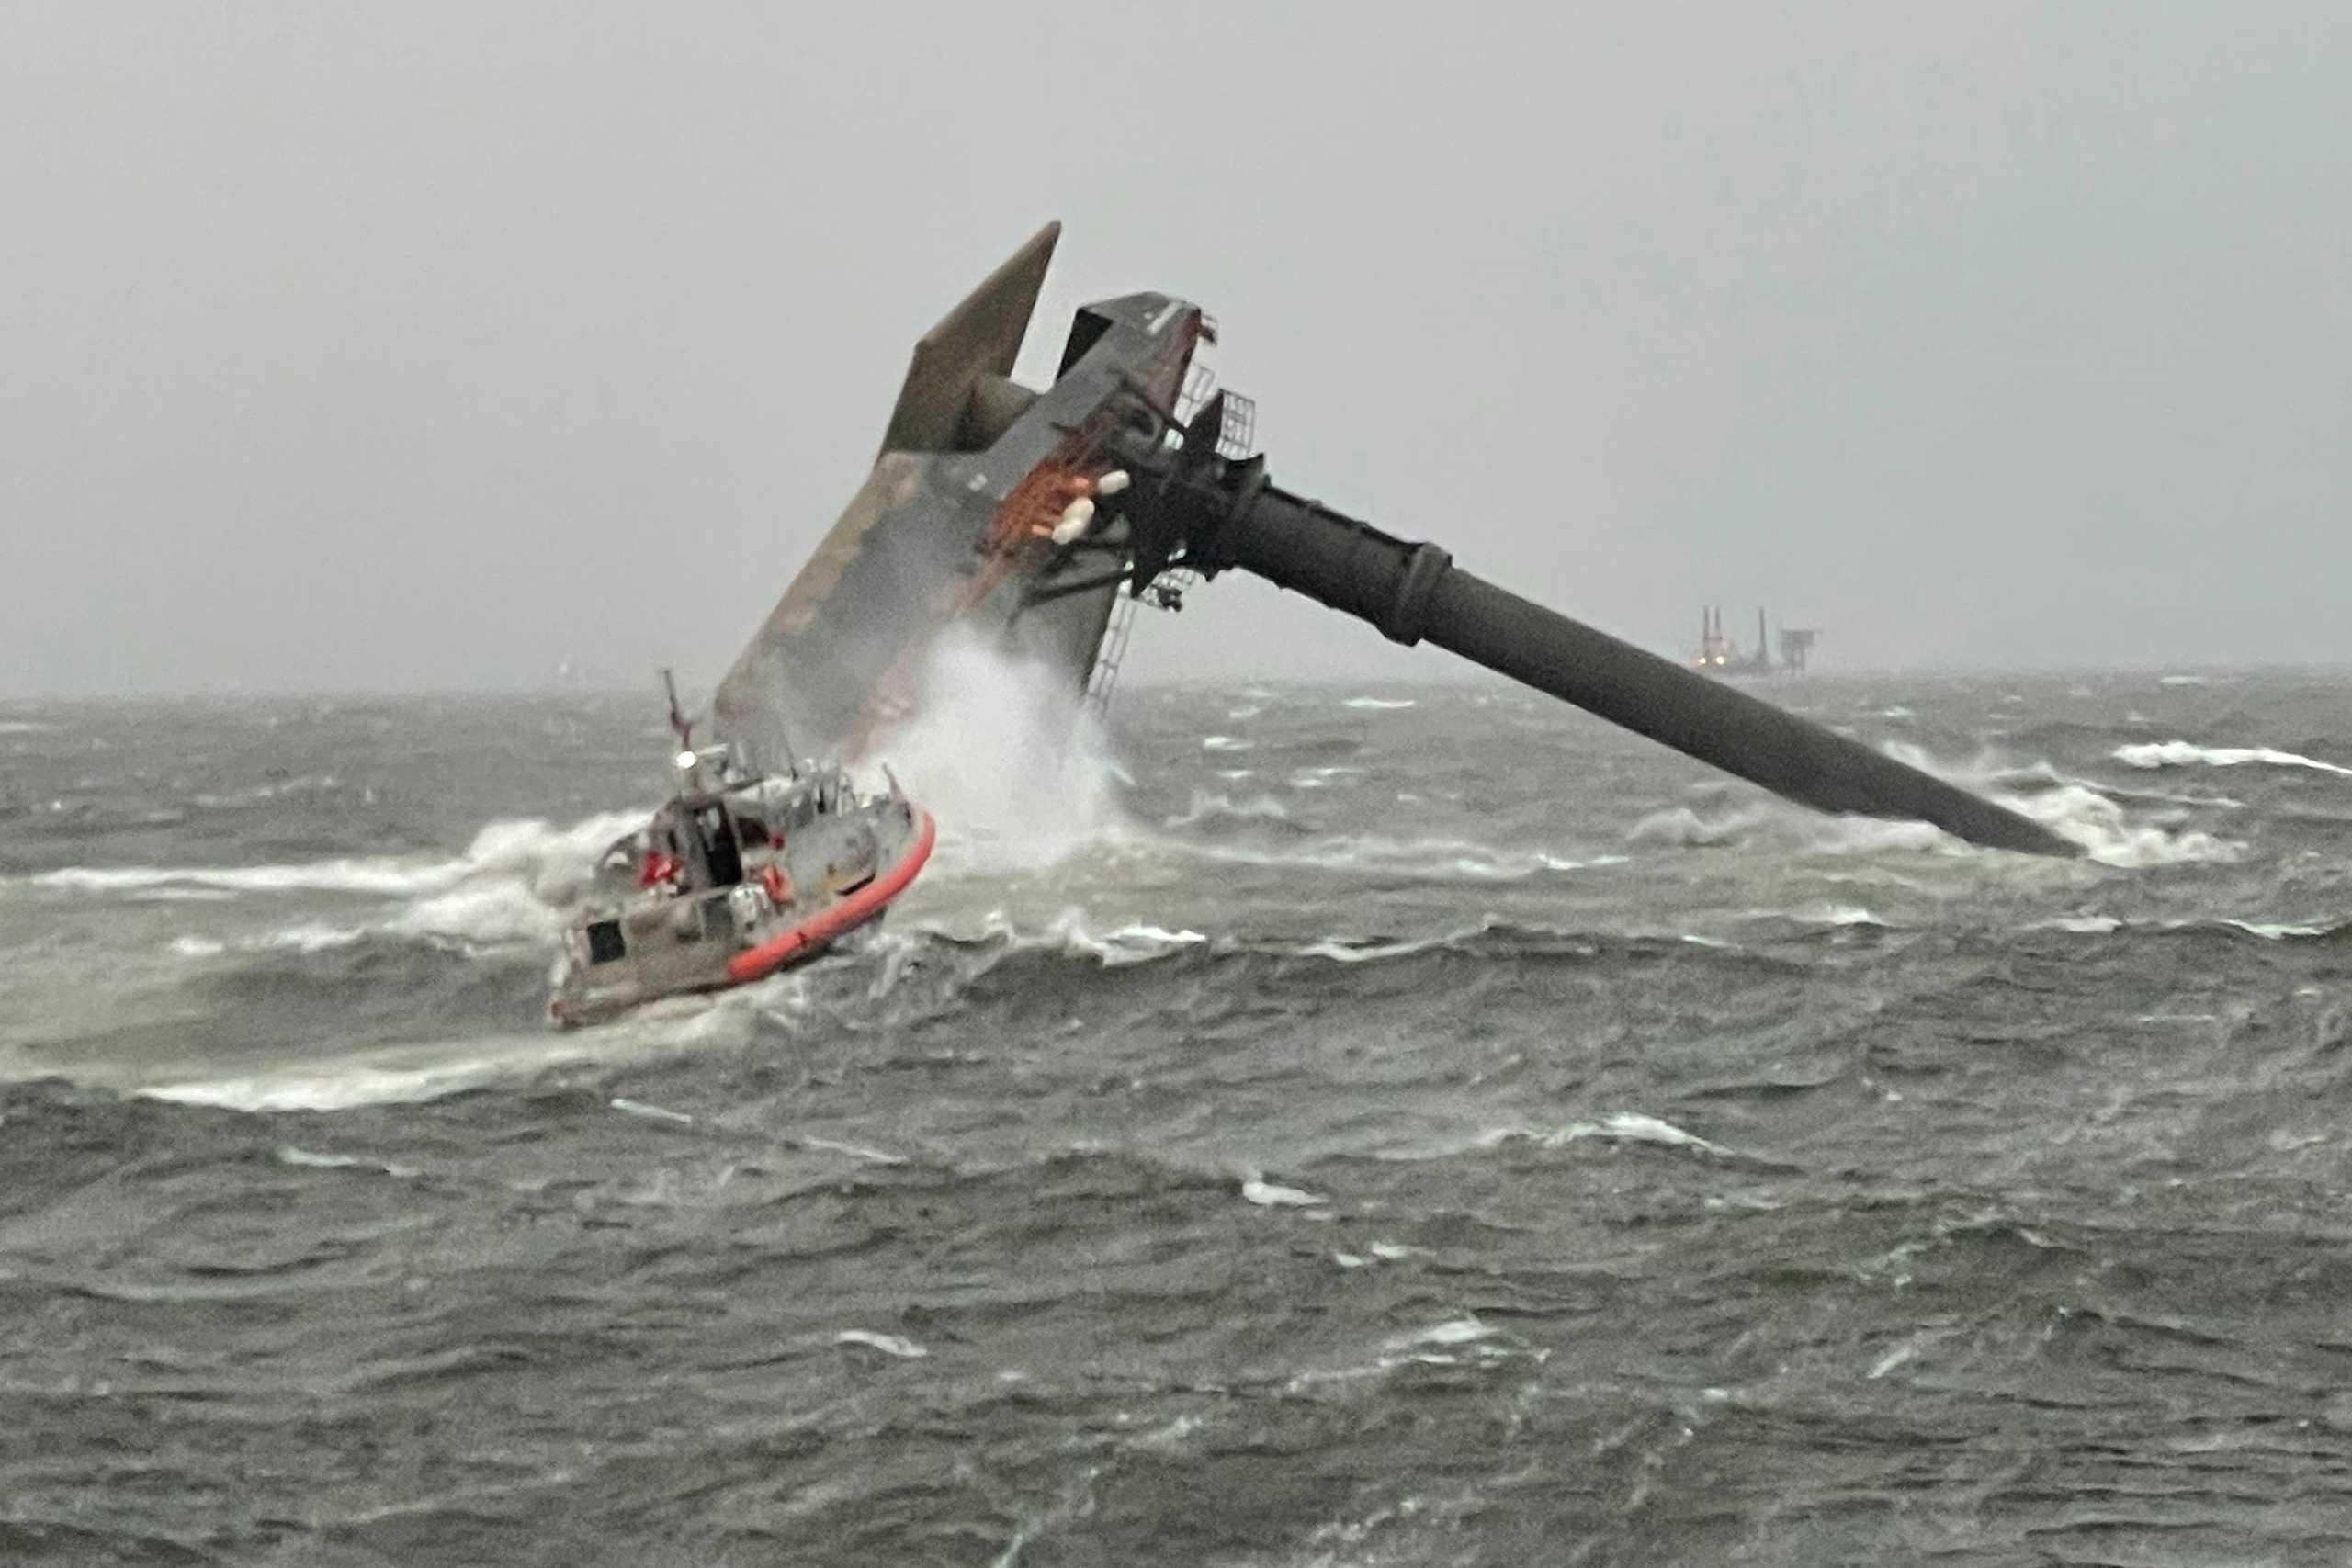 Τραγωδία στον Κόλπο του Μεξικού με έναν νεκρό και 12 αγνοούμενους